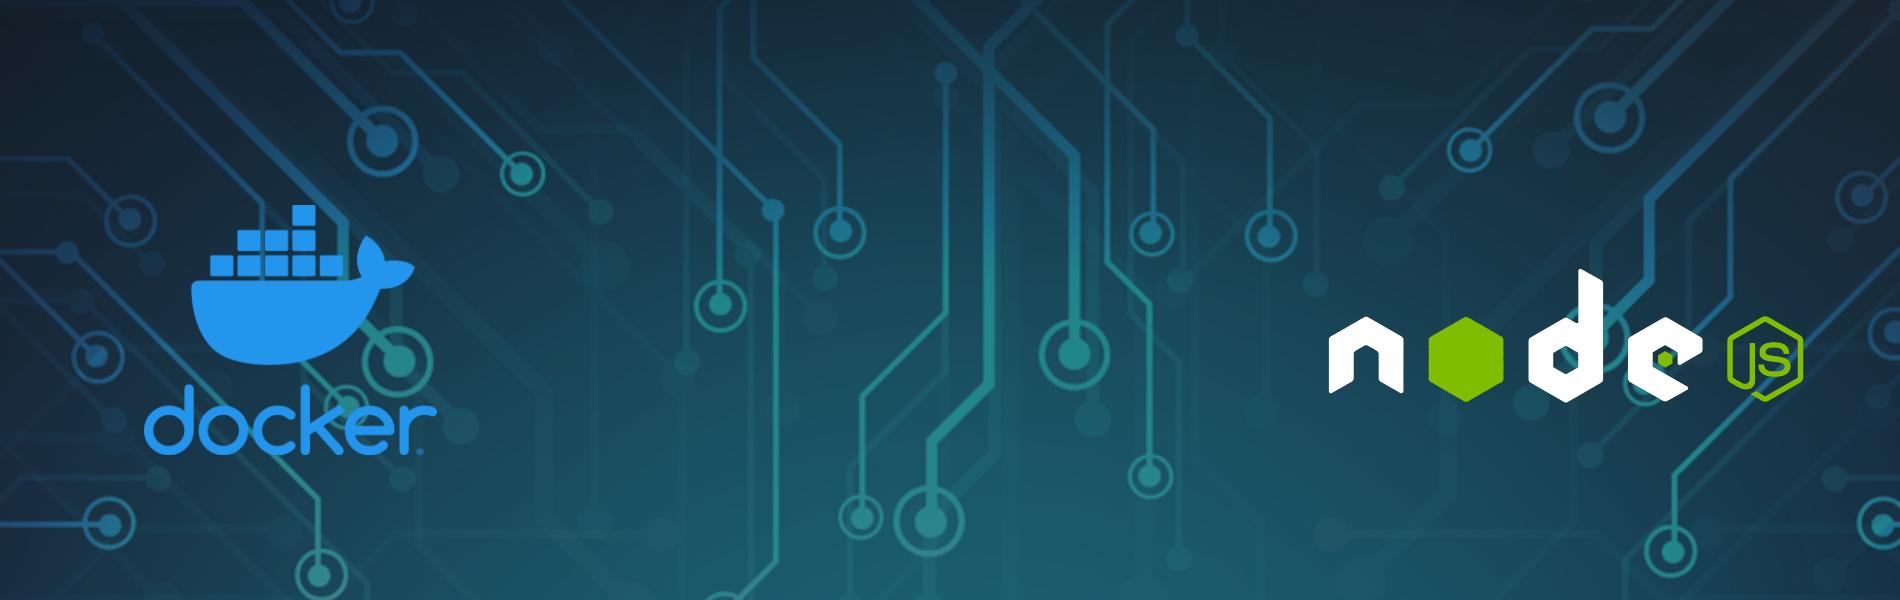 microservice_in_nodeJS_with_Docker_website_changed